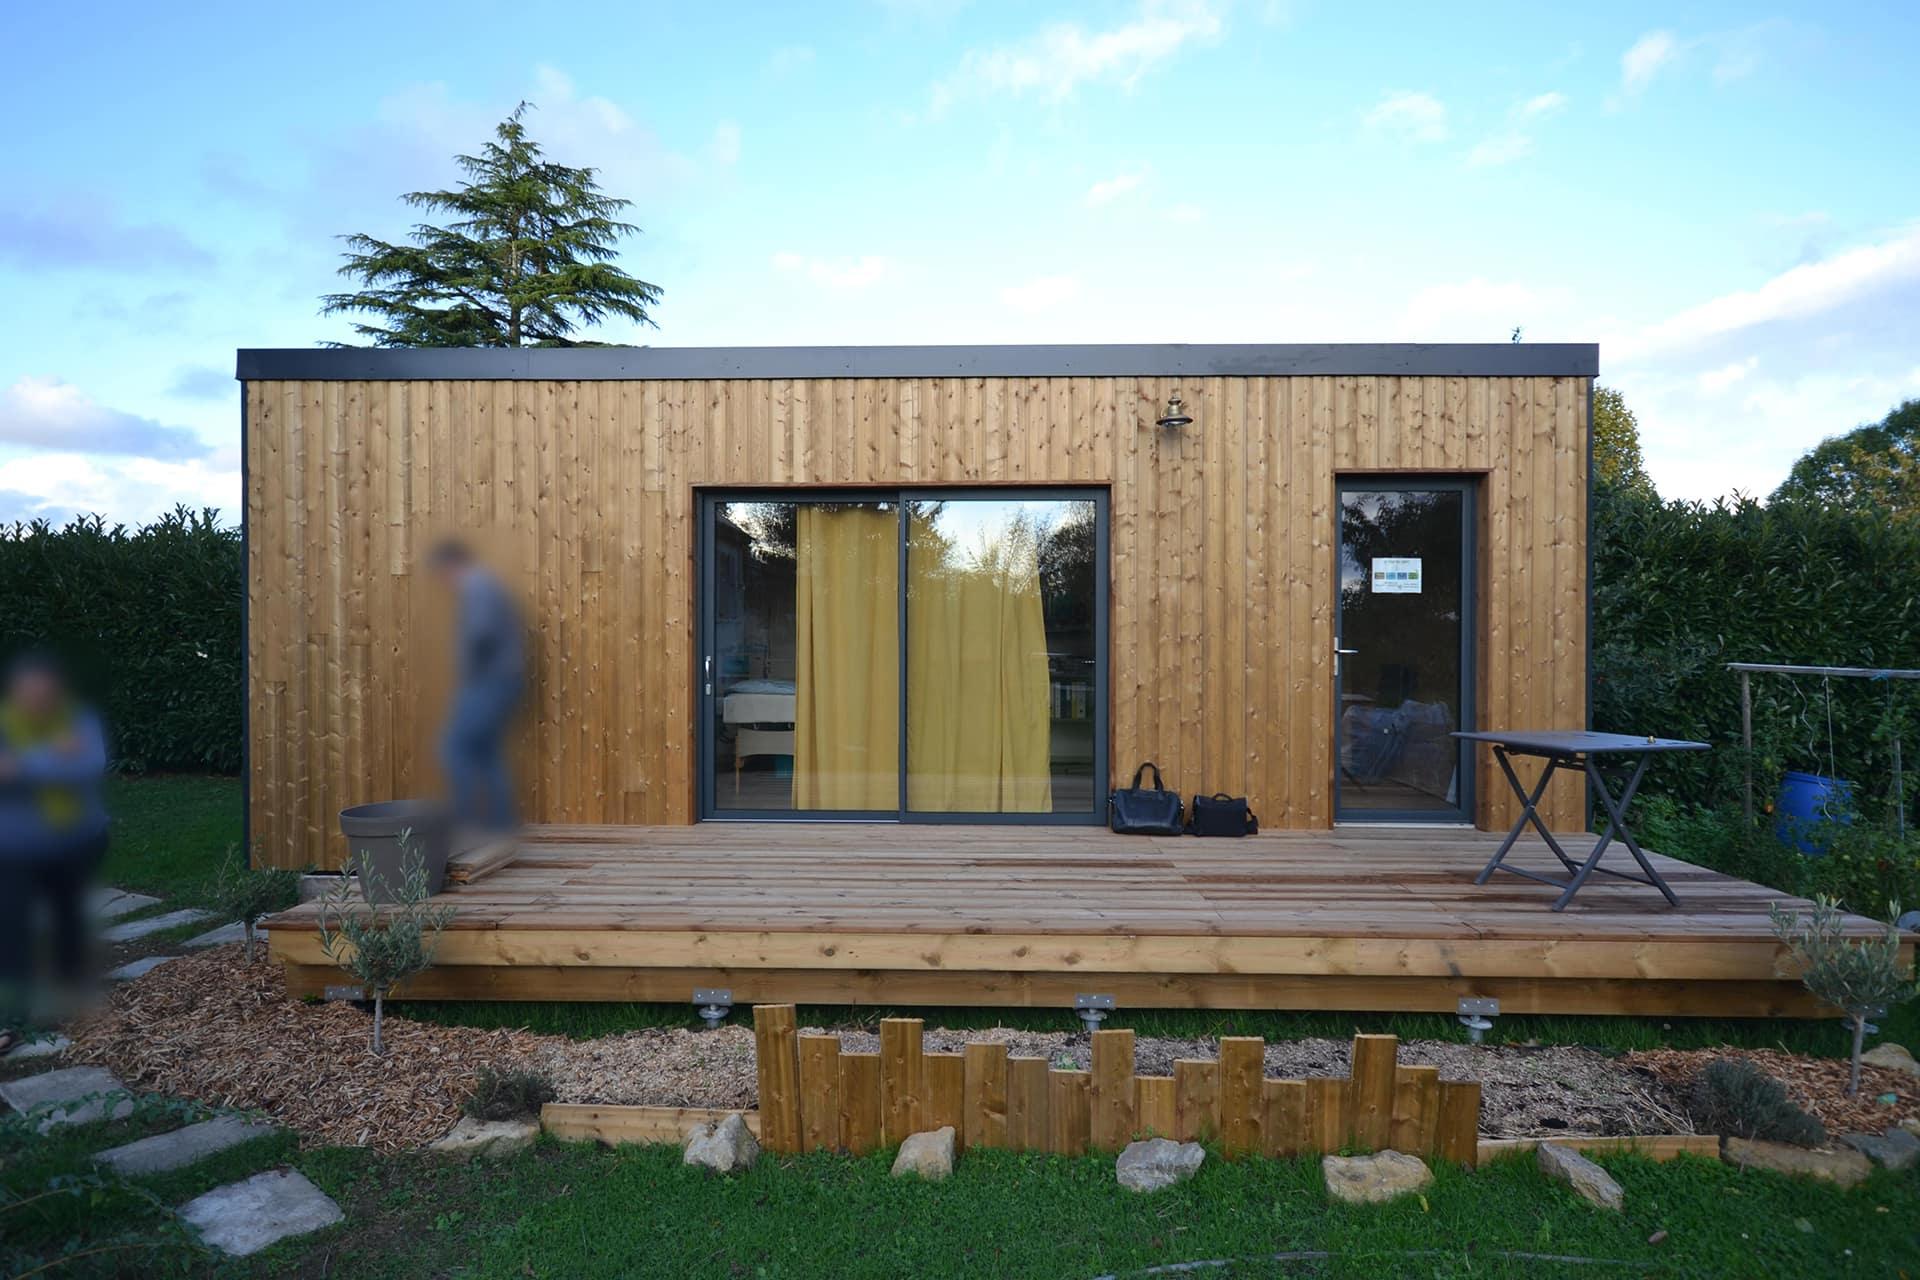 studio de jardin 20m2 en bois vue facade copie - Studio de jardin 20m2 proche Angers 49